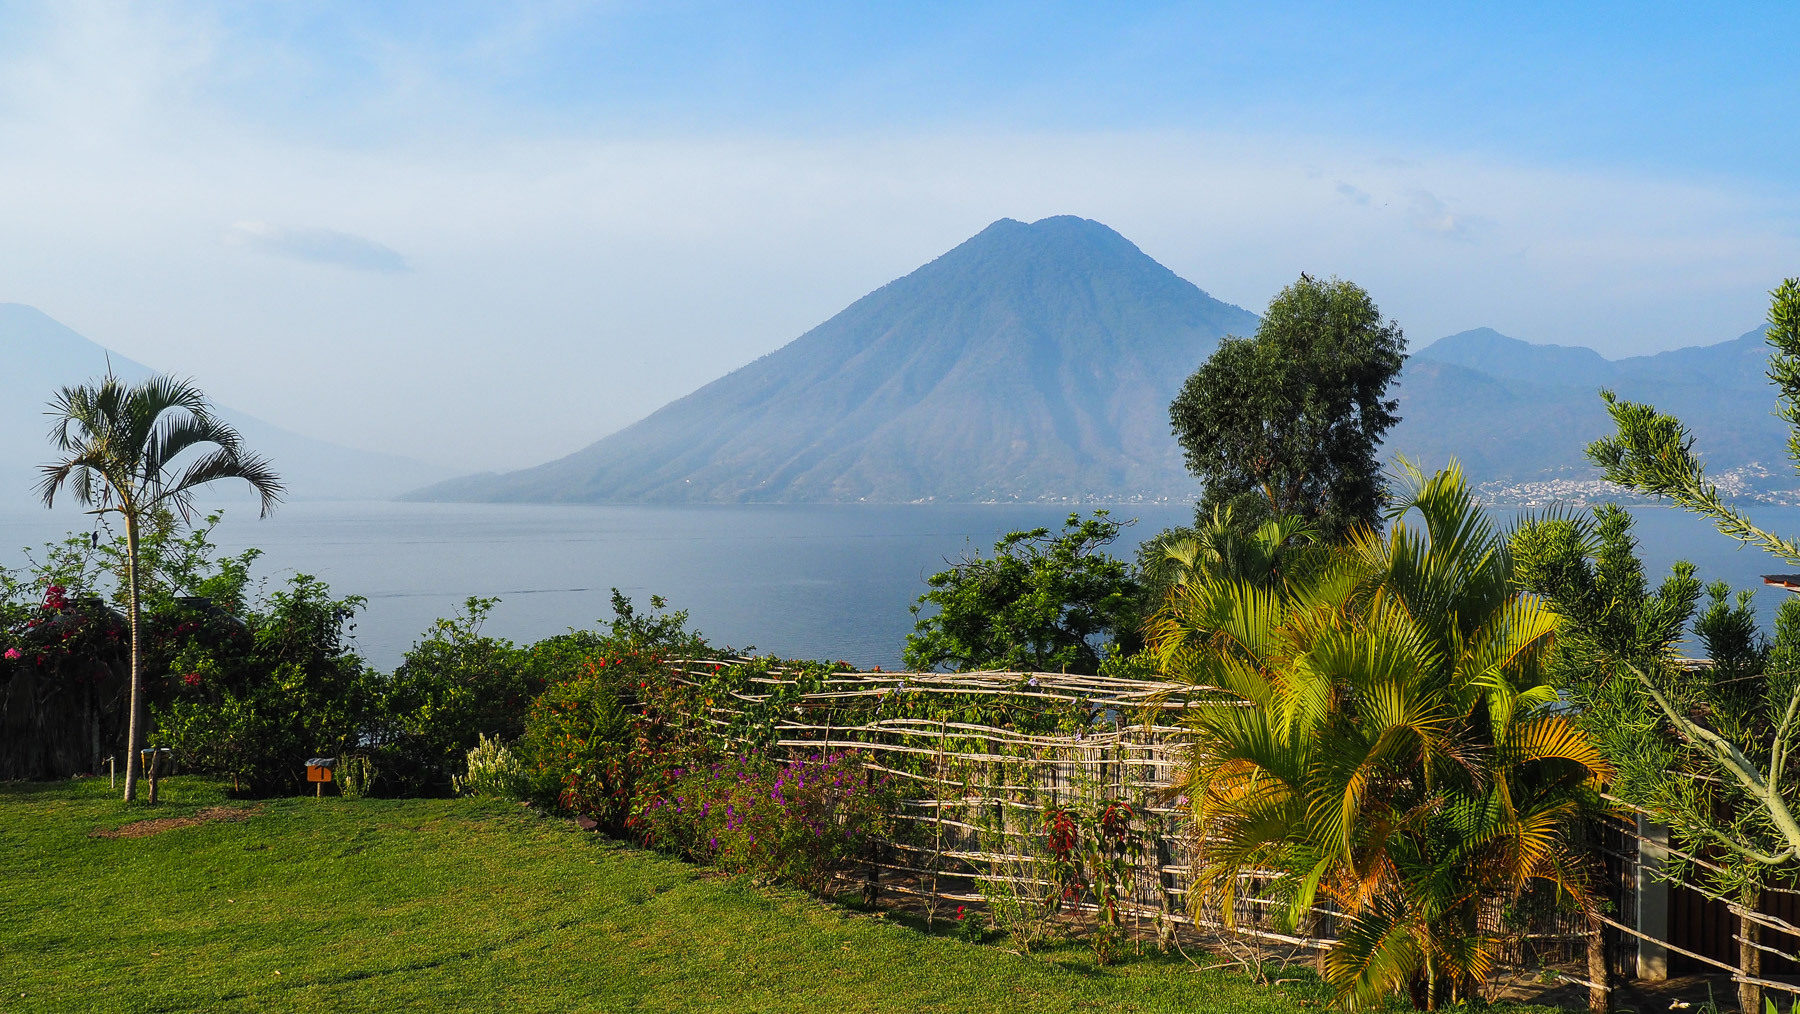 ... mit Ausblick auf 4 Vulkane, hier der Don Pedro